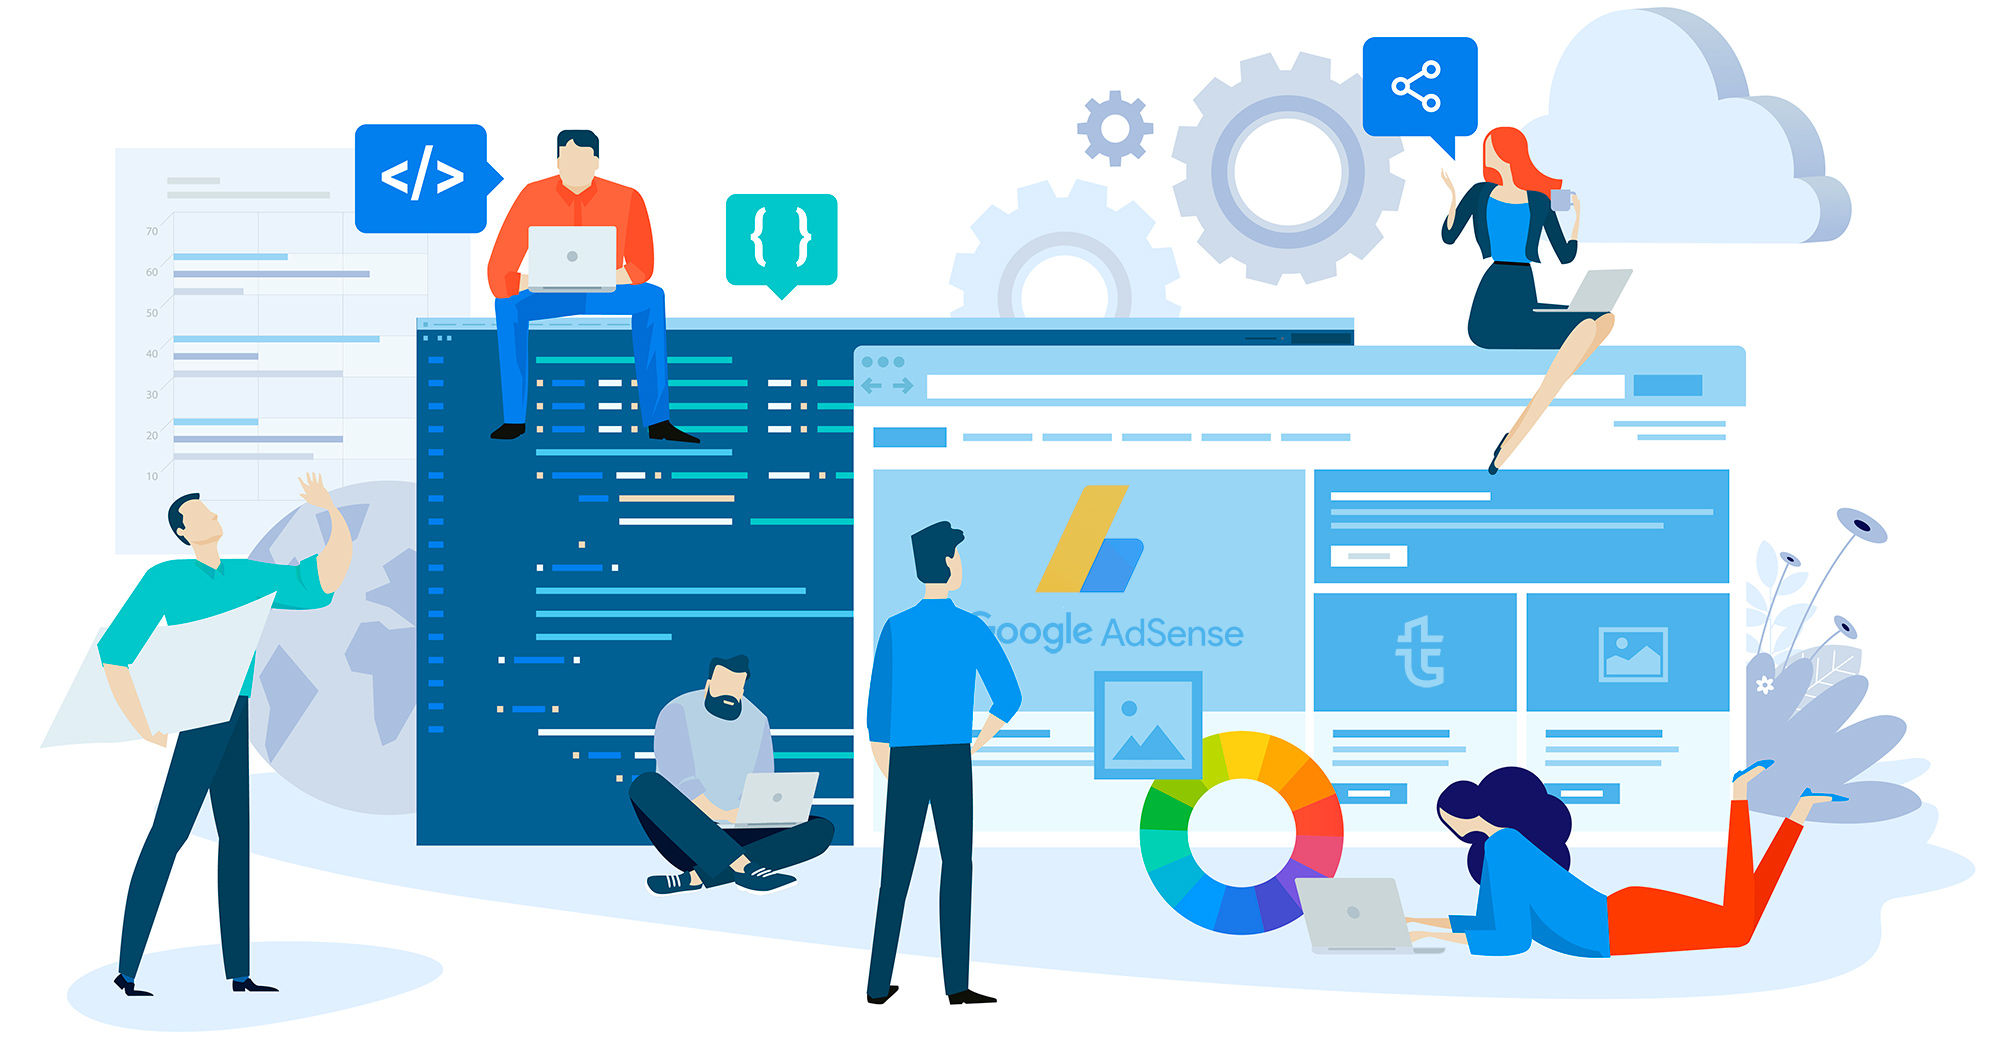 Quảng cáo Google Adsense là gì?